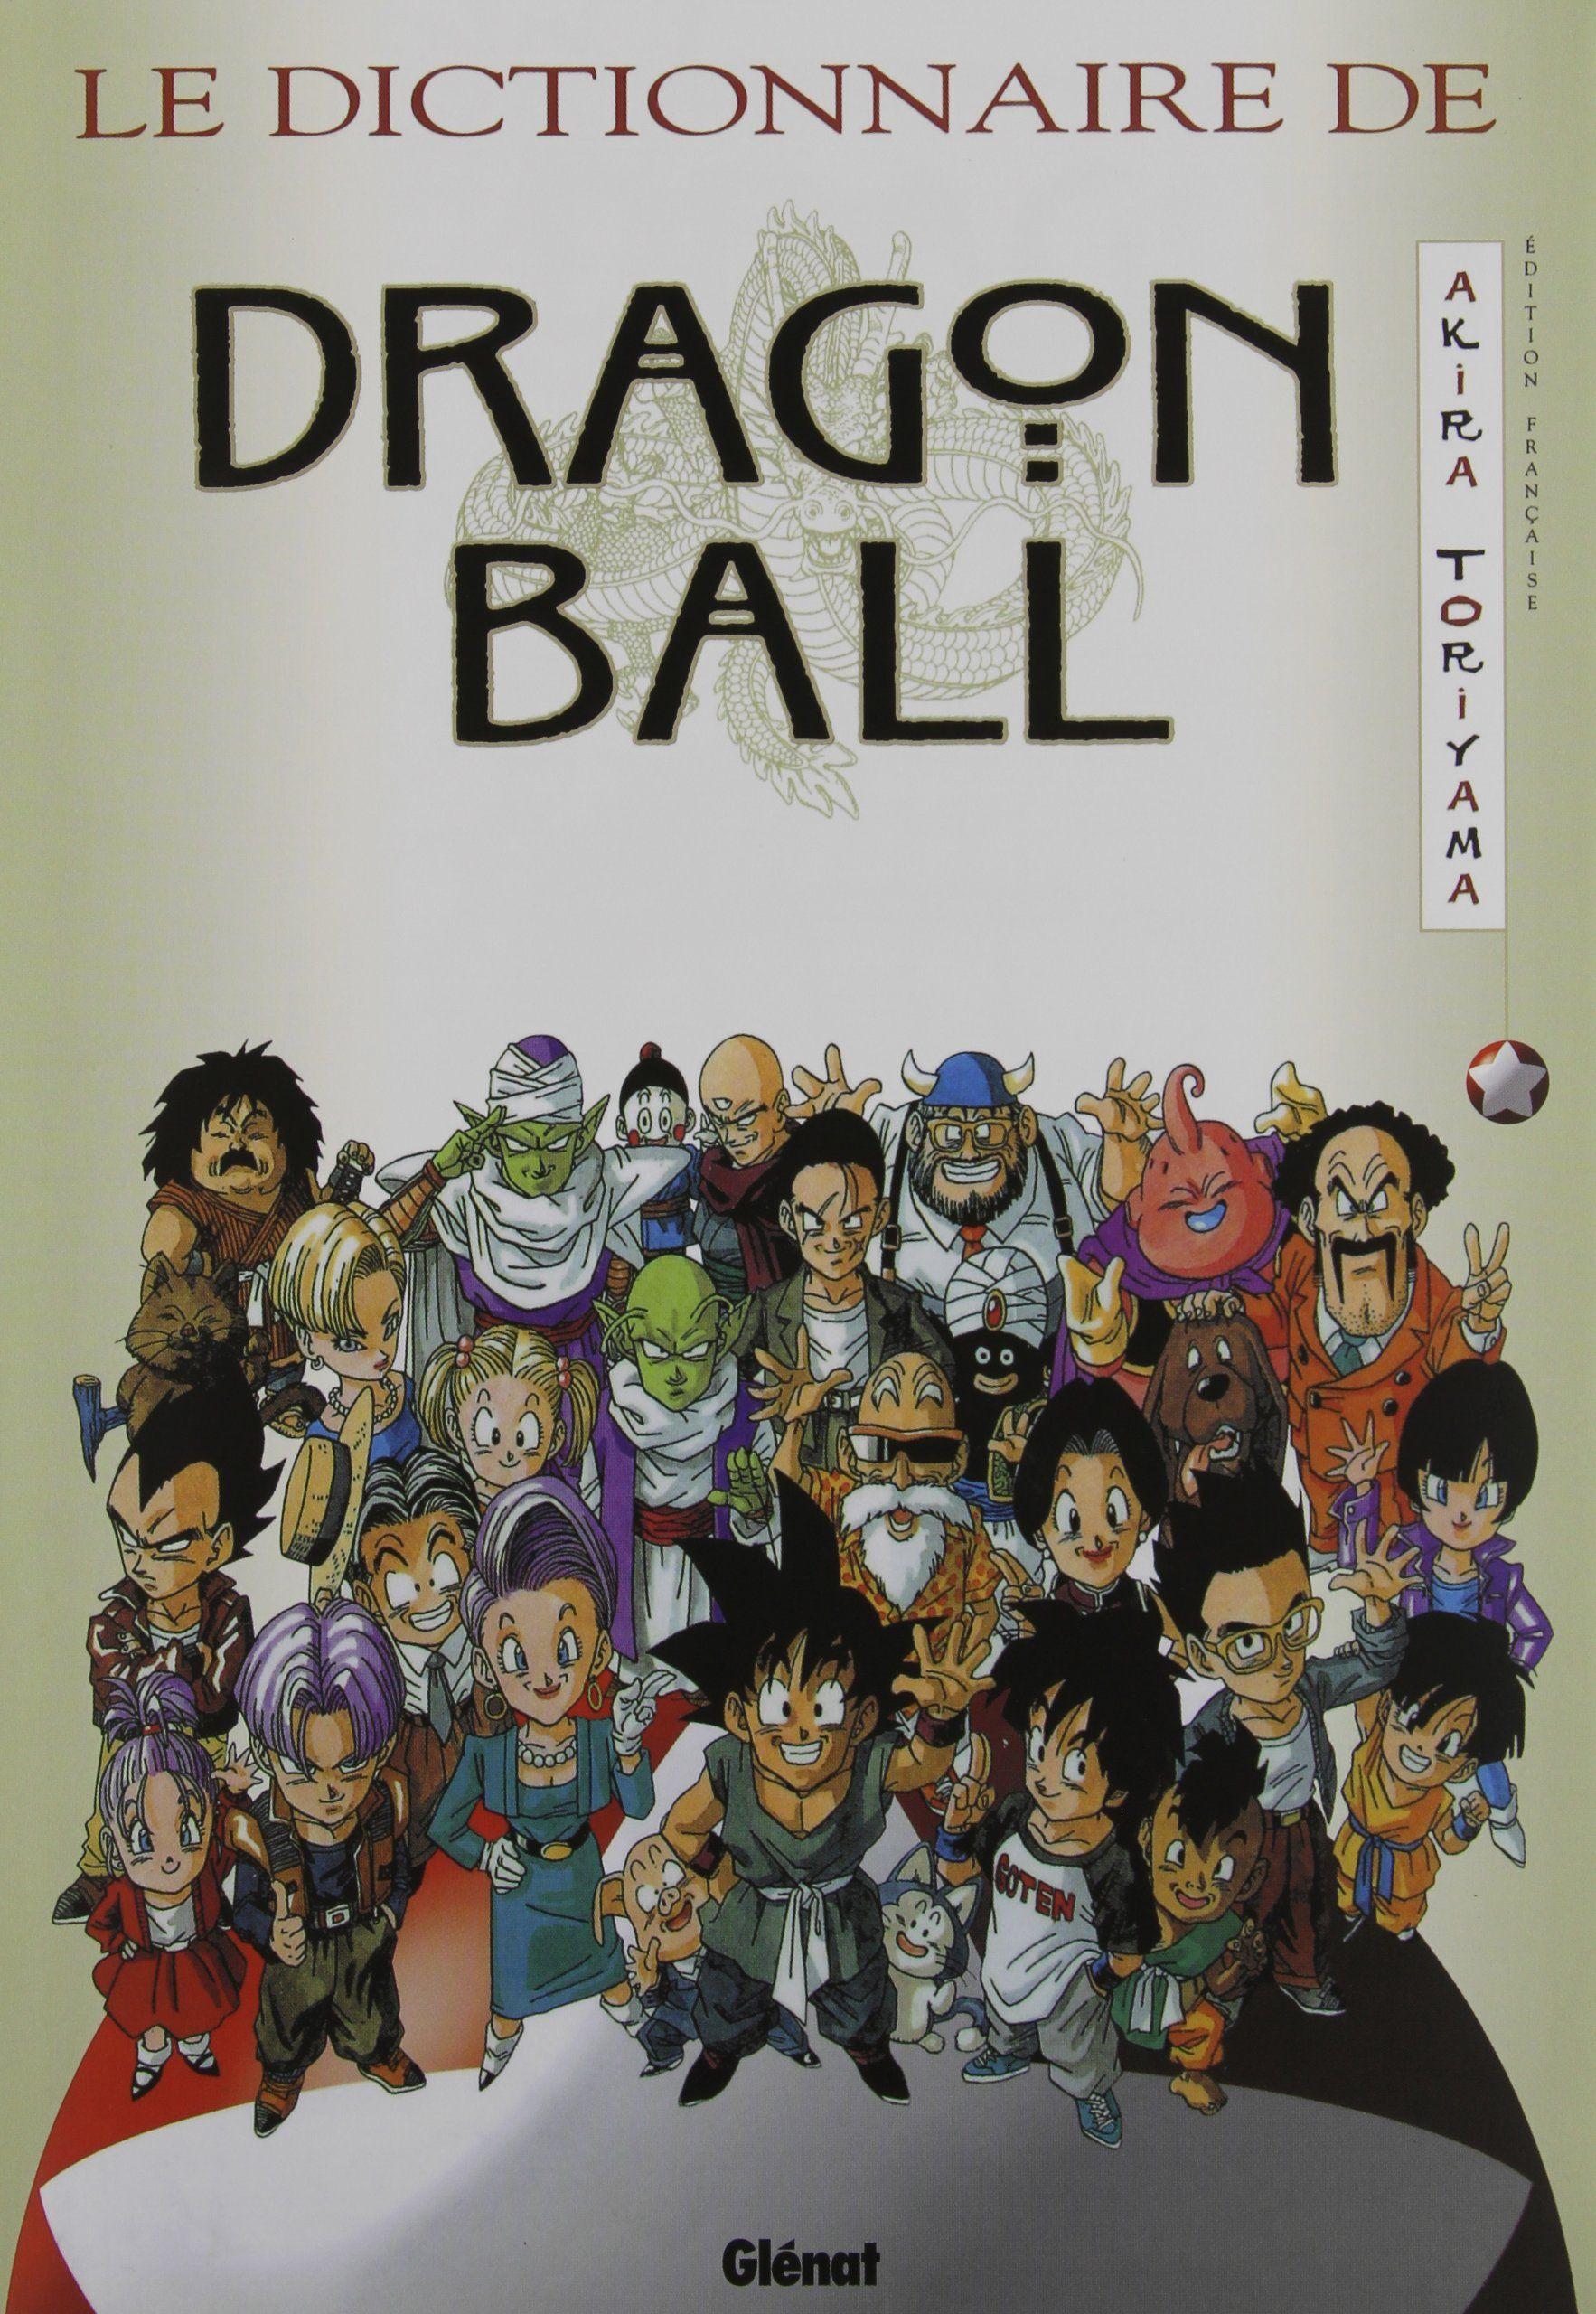 Dragon Ball Le Dictionnaire Telechargement Pdf Gratuit Dragon Ball